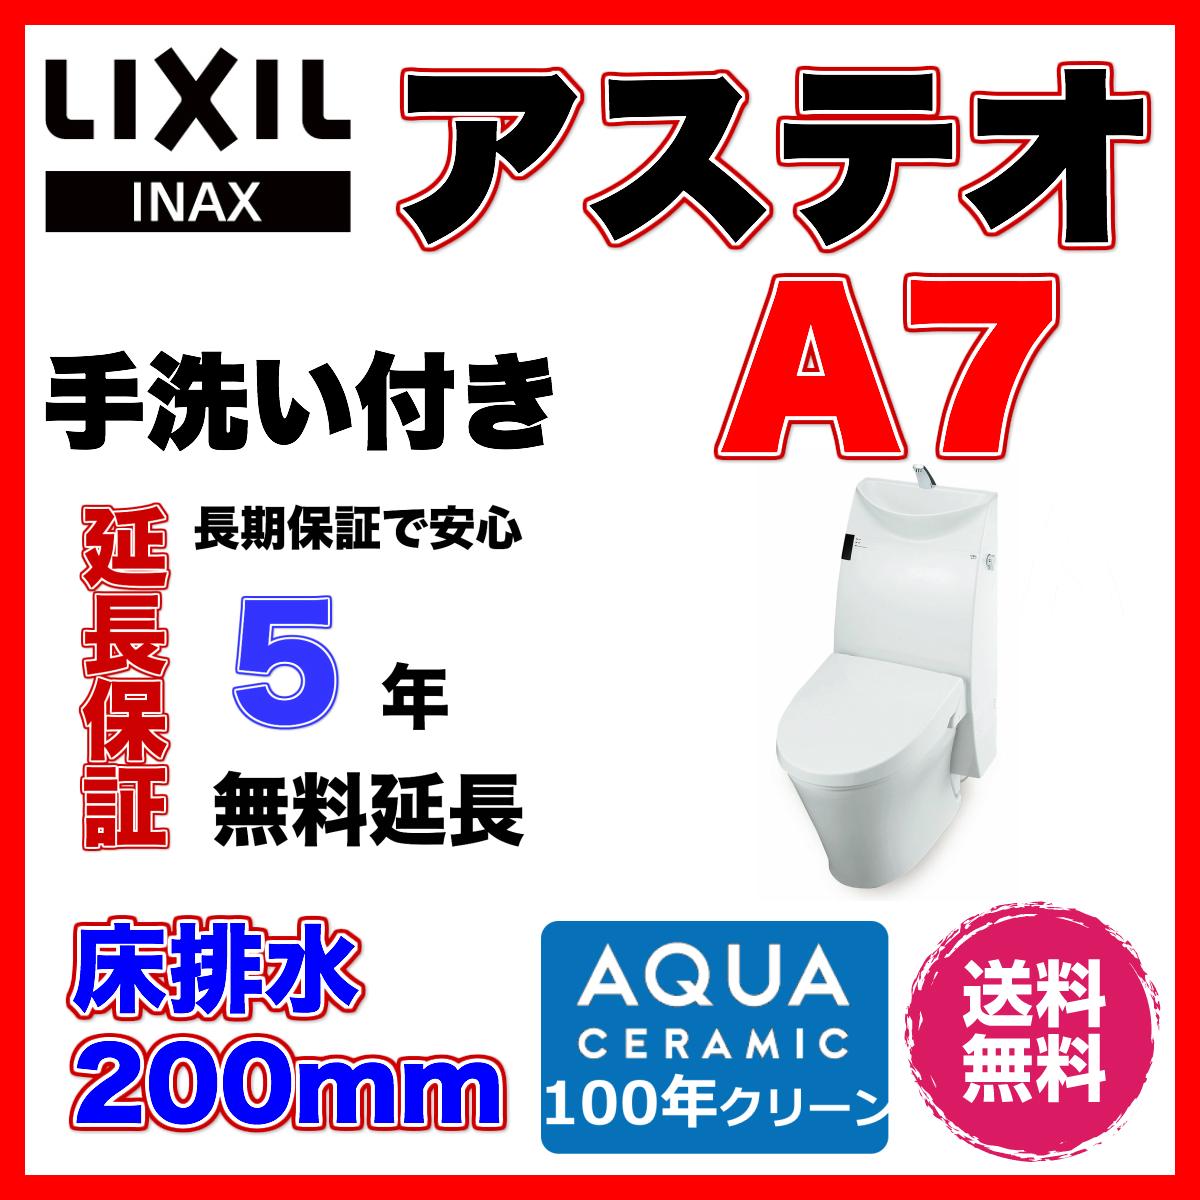 アステオ A7タイプ LIXIL トイレ 【YBC-A10S+DT-387J 】手洗い付 床排水200mm ECO6 アクアセラミック付 INAX しっかり流れる タンク付トイレ